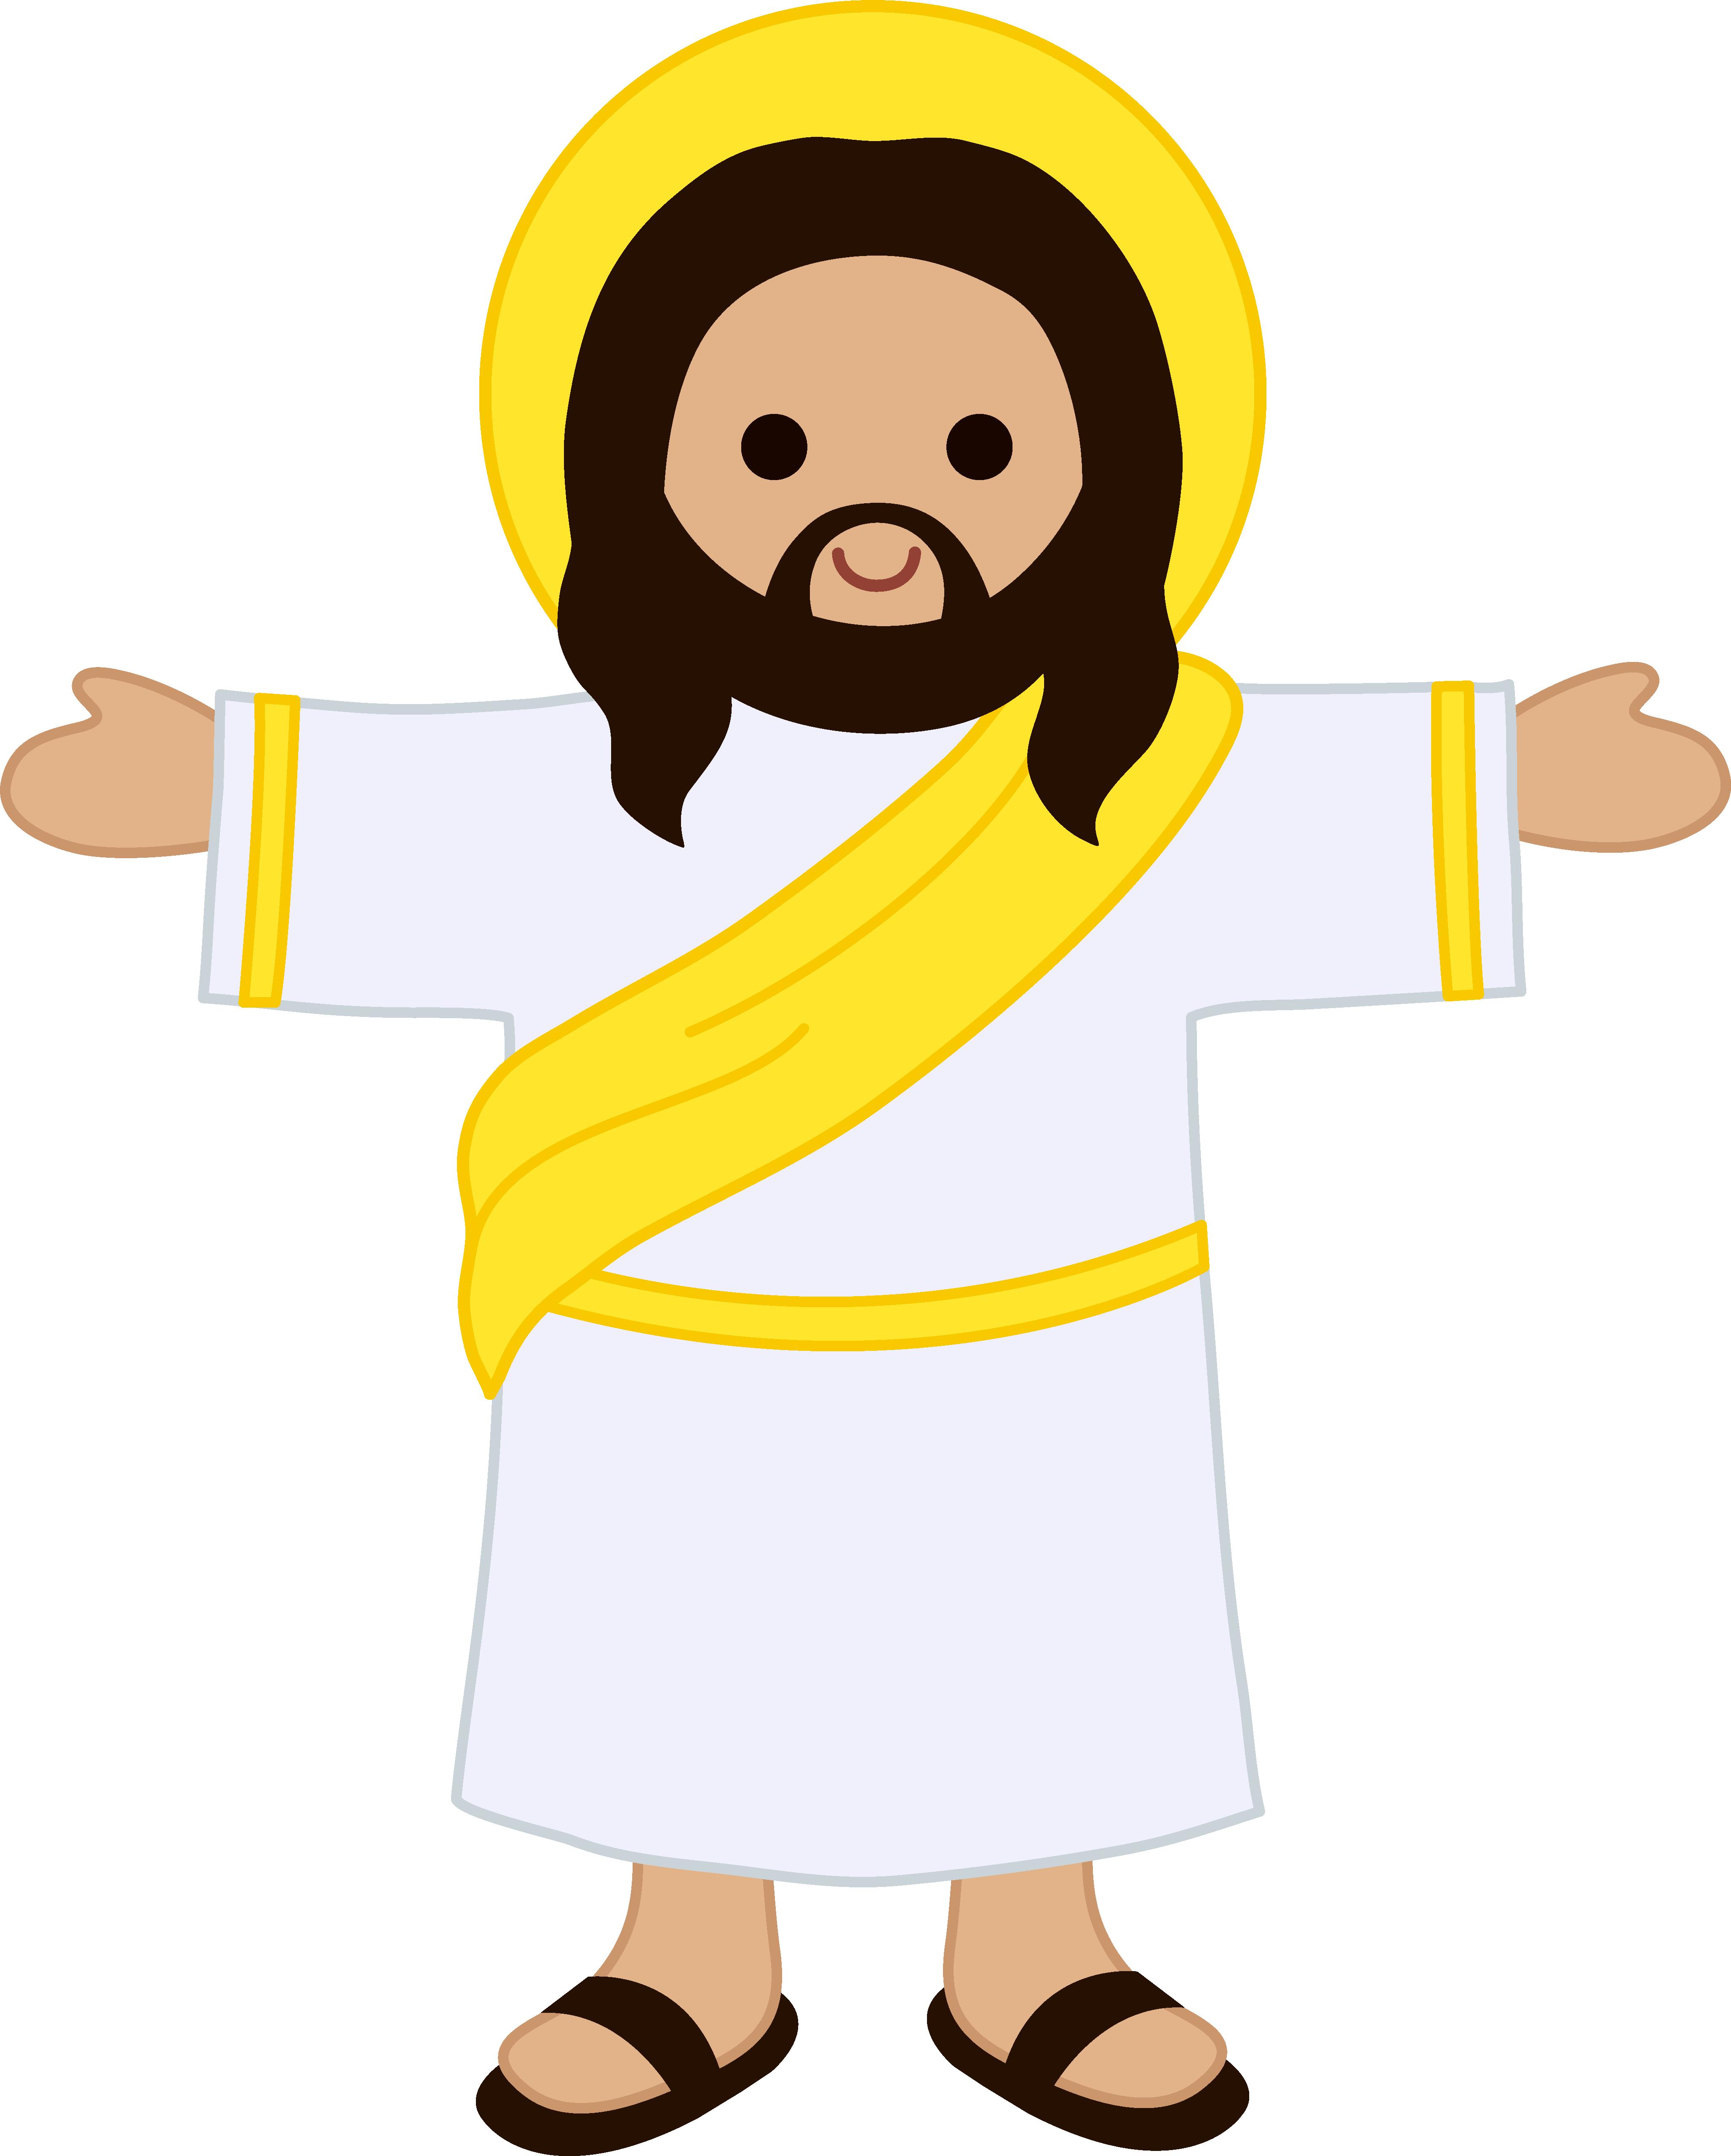 Cute Clip Art Of Jesus Christ Free Clip -Cute Clip Art Of Jesus Christ Free Clip Art-5